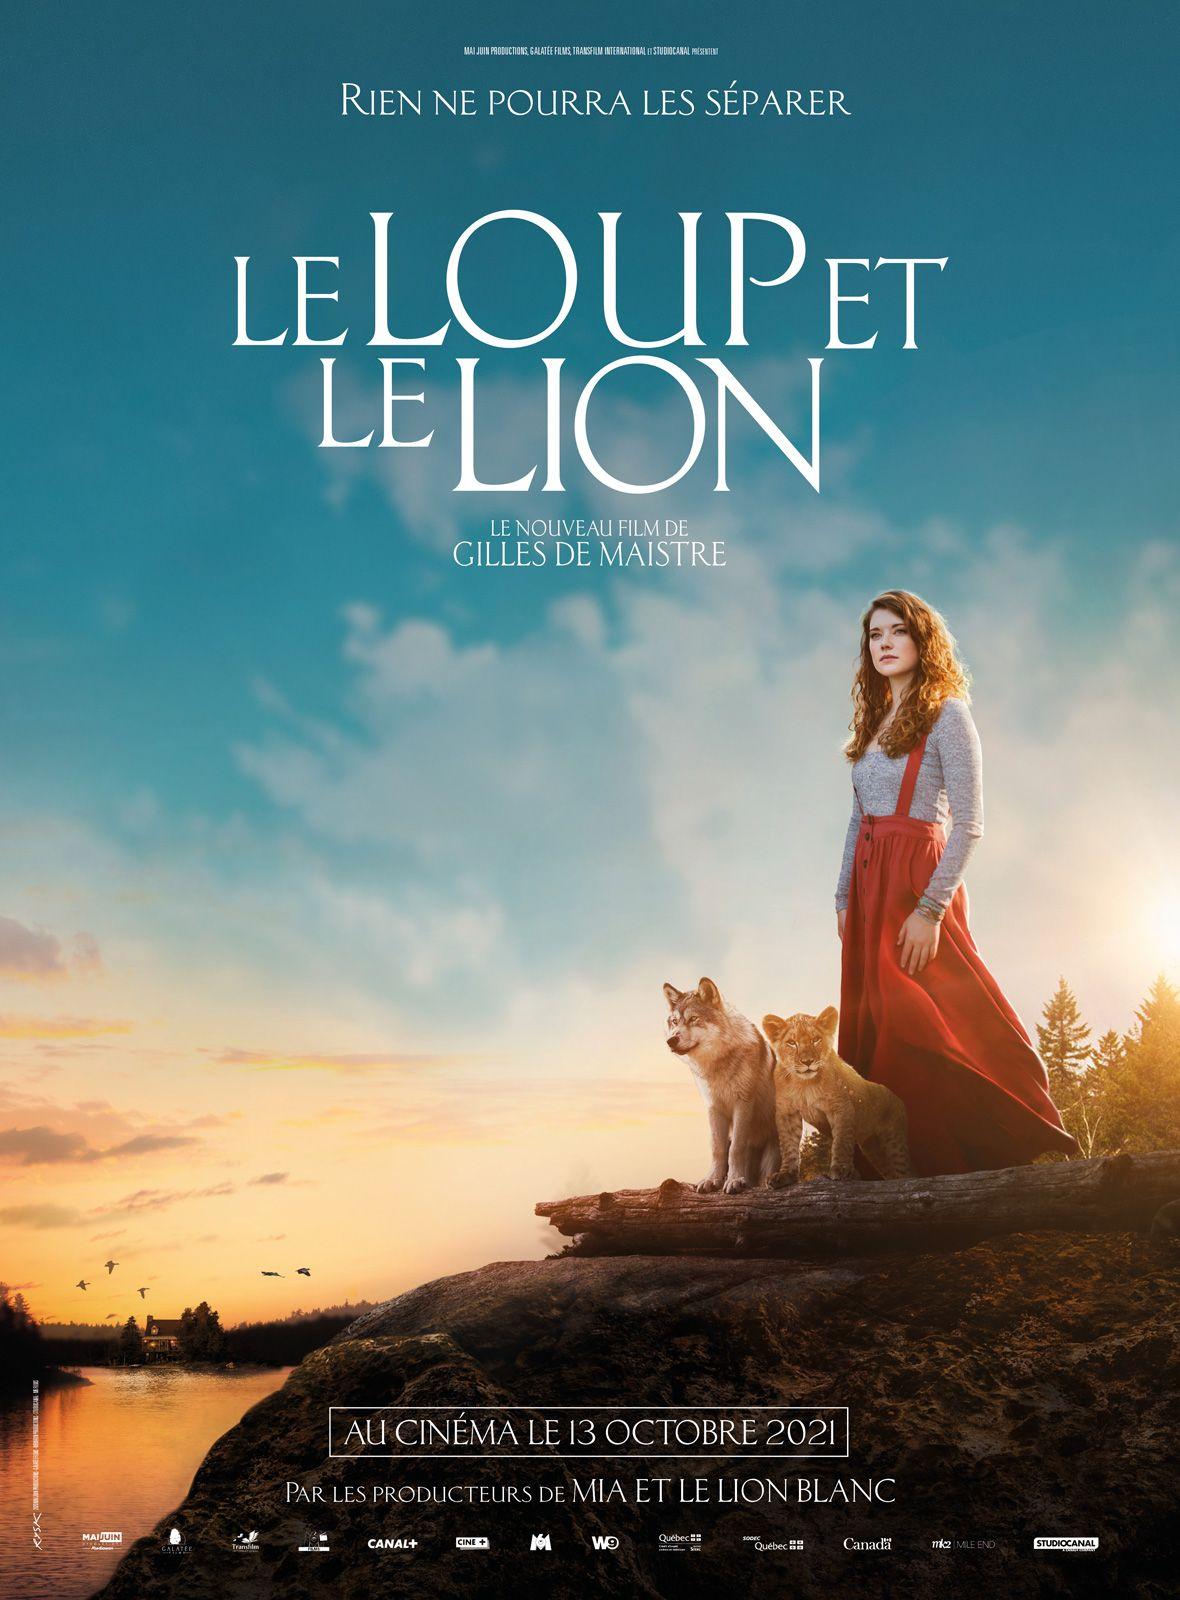 Le loup et le lion, un film de Gilles de Maistre